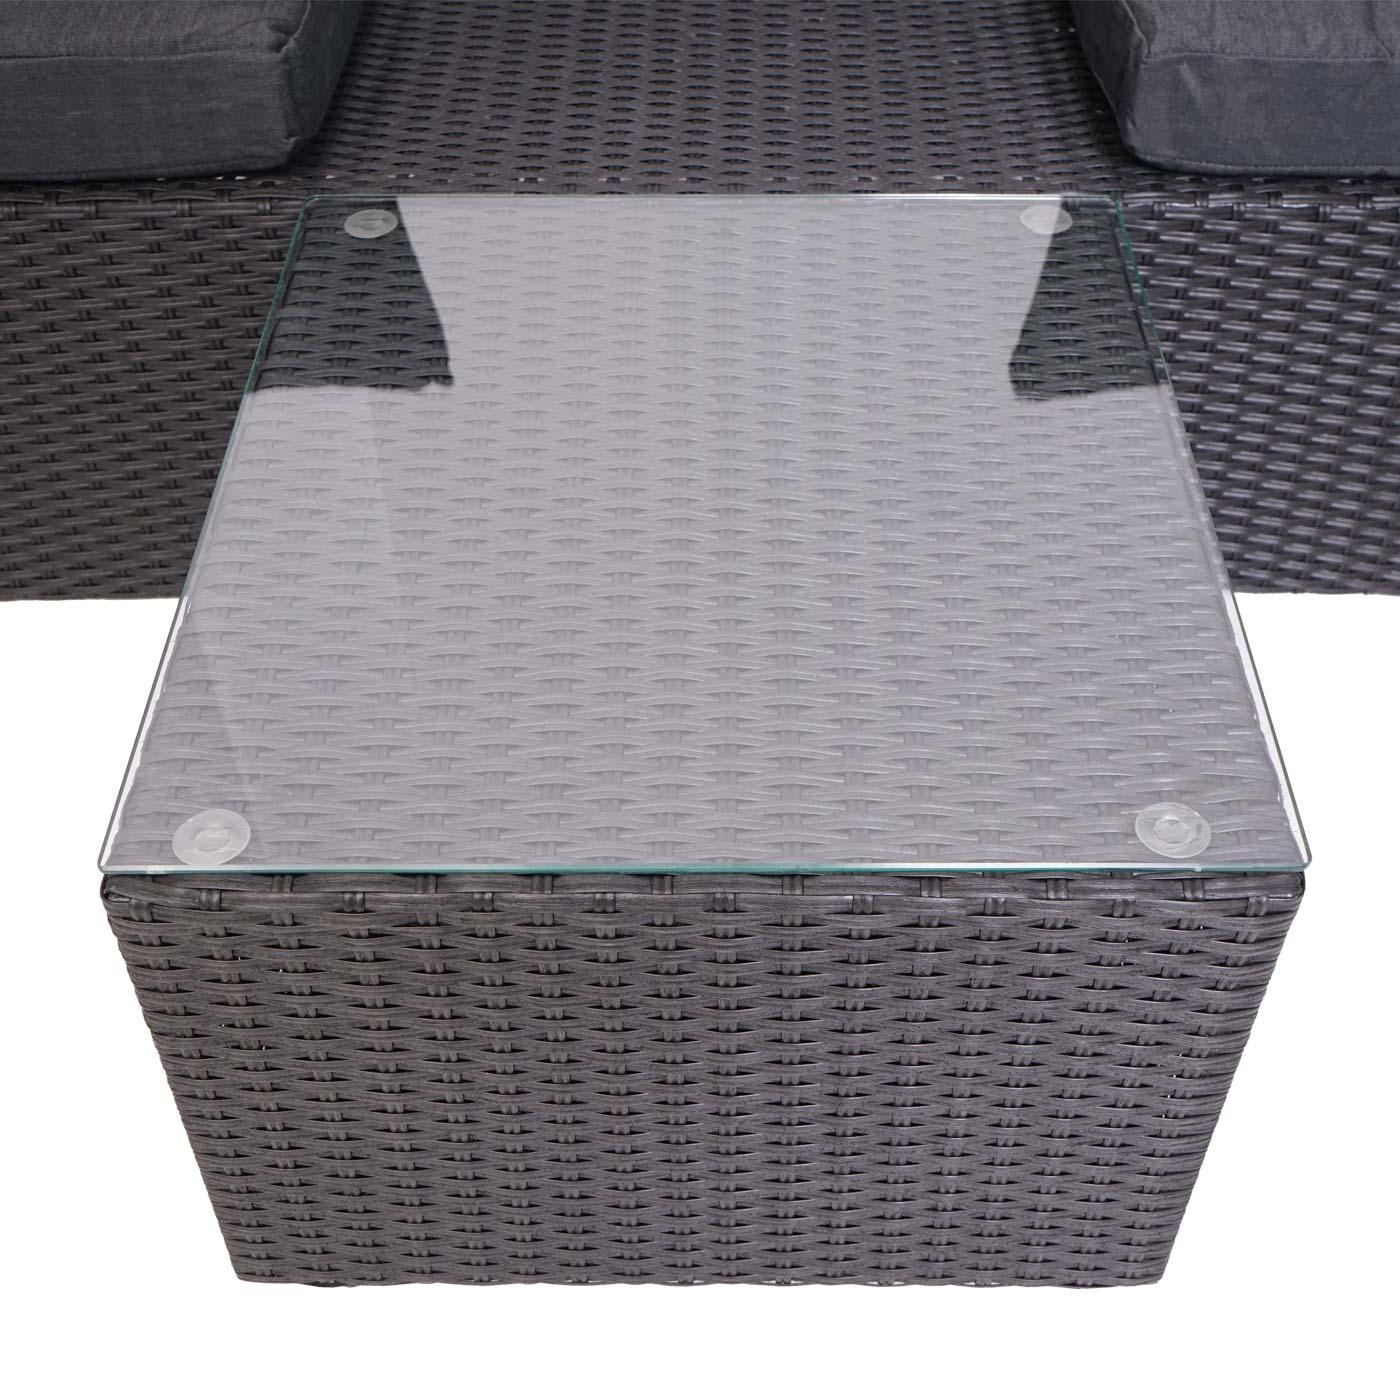 Poly-Rattan Garnitur HWC-J37 Detailansicht Tischplatte